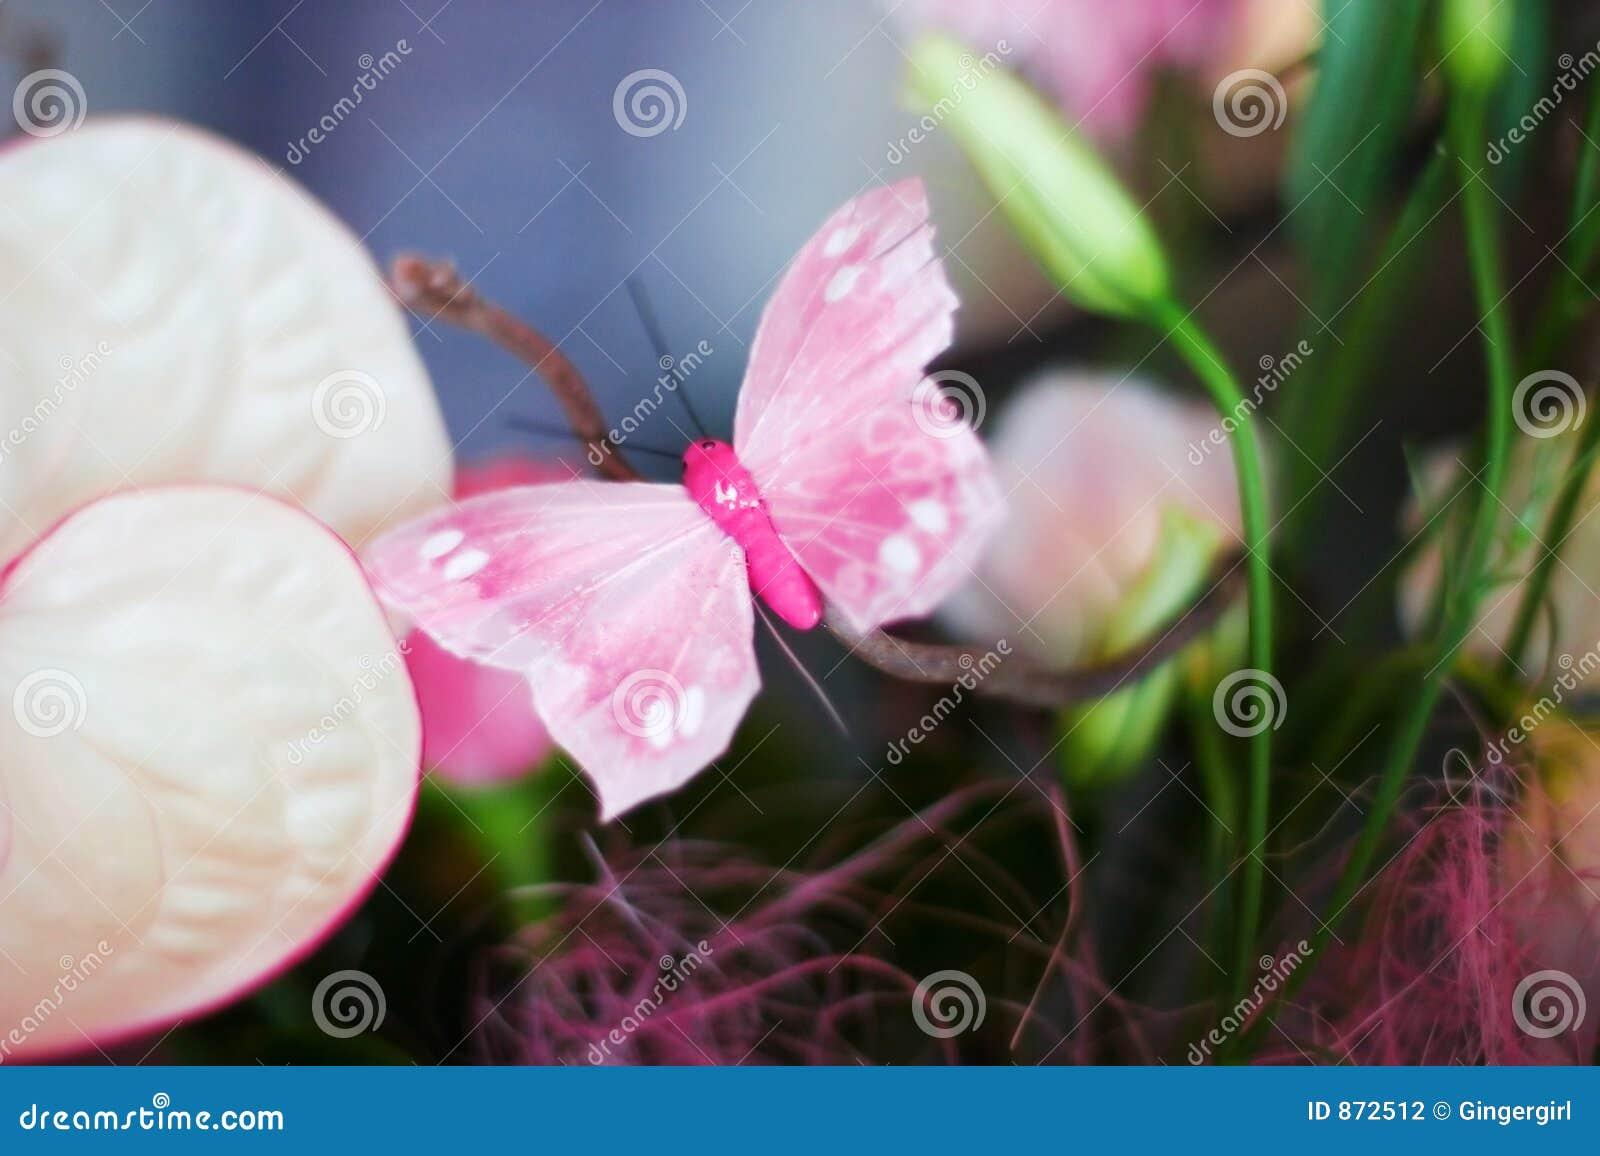 Tendresse dans un bouquet